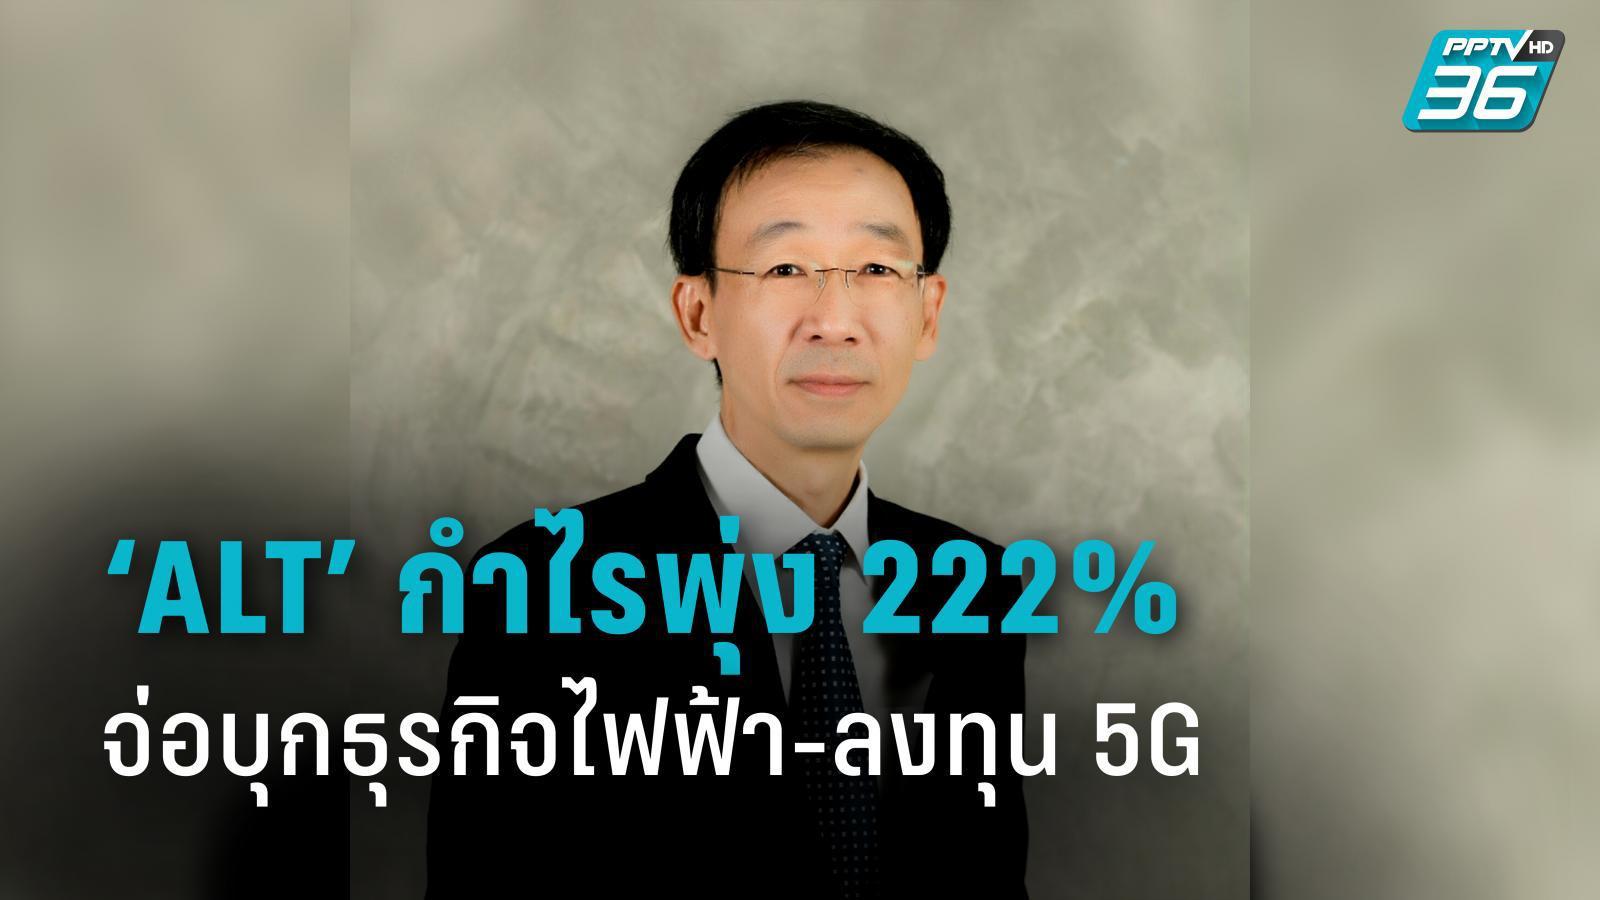 ALT โชว์ไตรมาส 2/63 กำไรพุ่ง 222% ครึ่งปีหลังบุกกลุ่มธุรกิจไฟฟ้า-ผนึกพันธมิตรรุก 5G